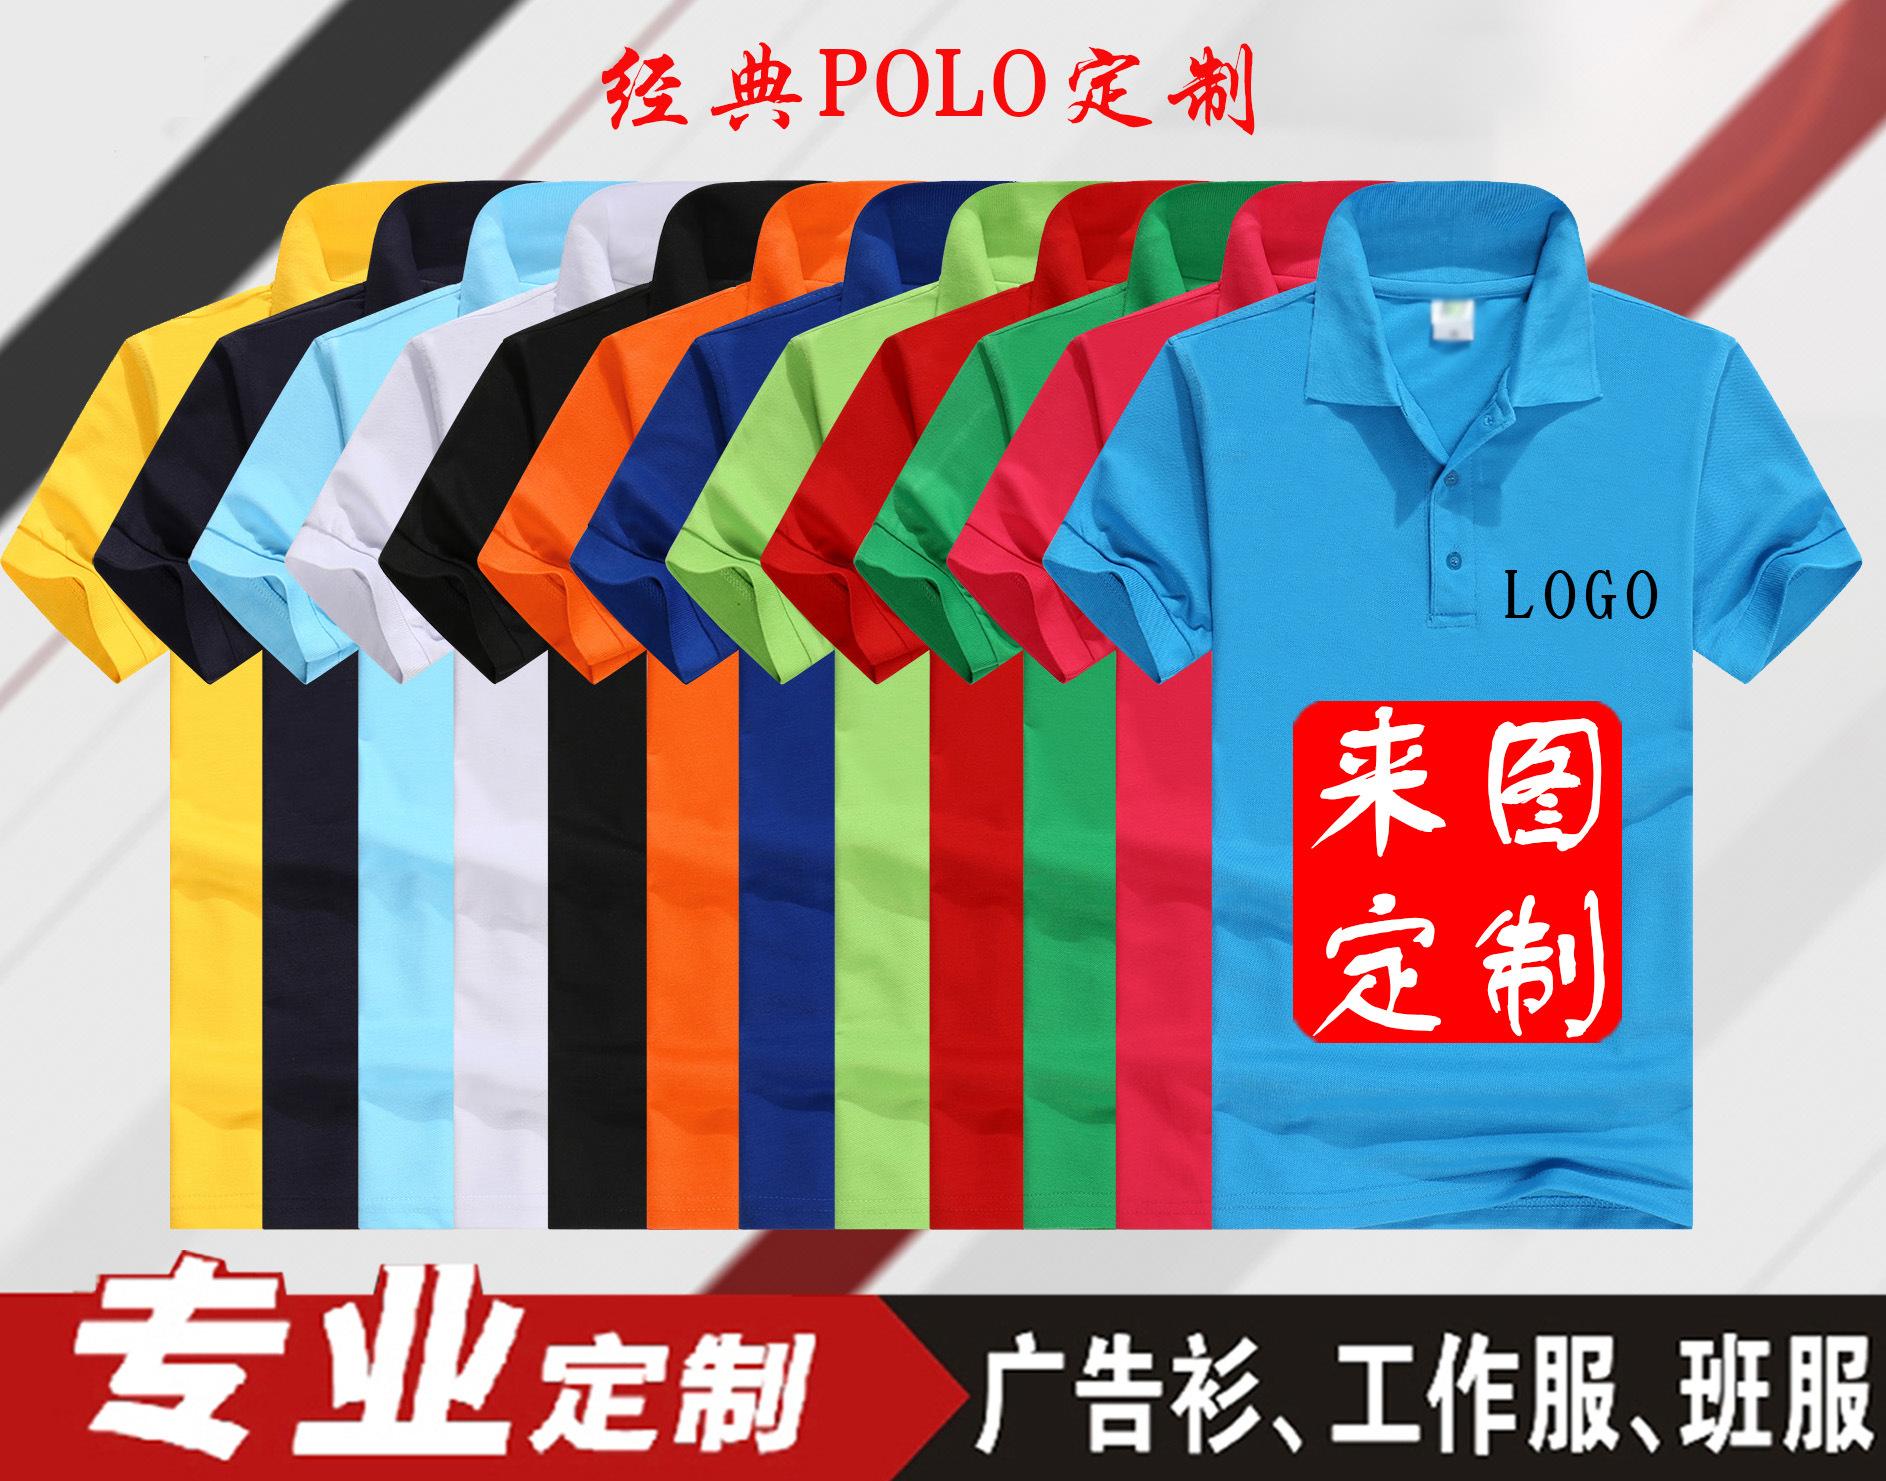 厂家定制工作服 夏装短袖t恤广告衫 手机店工作服工衣工装订做定制印logo